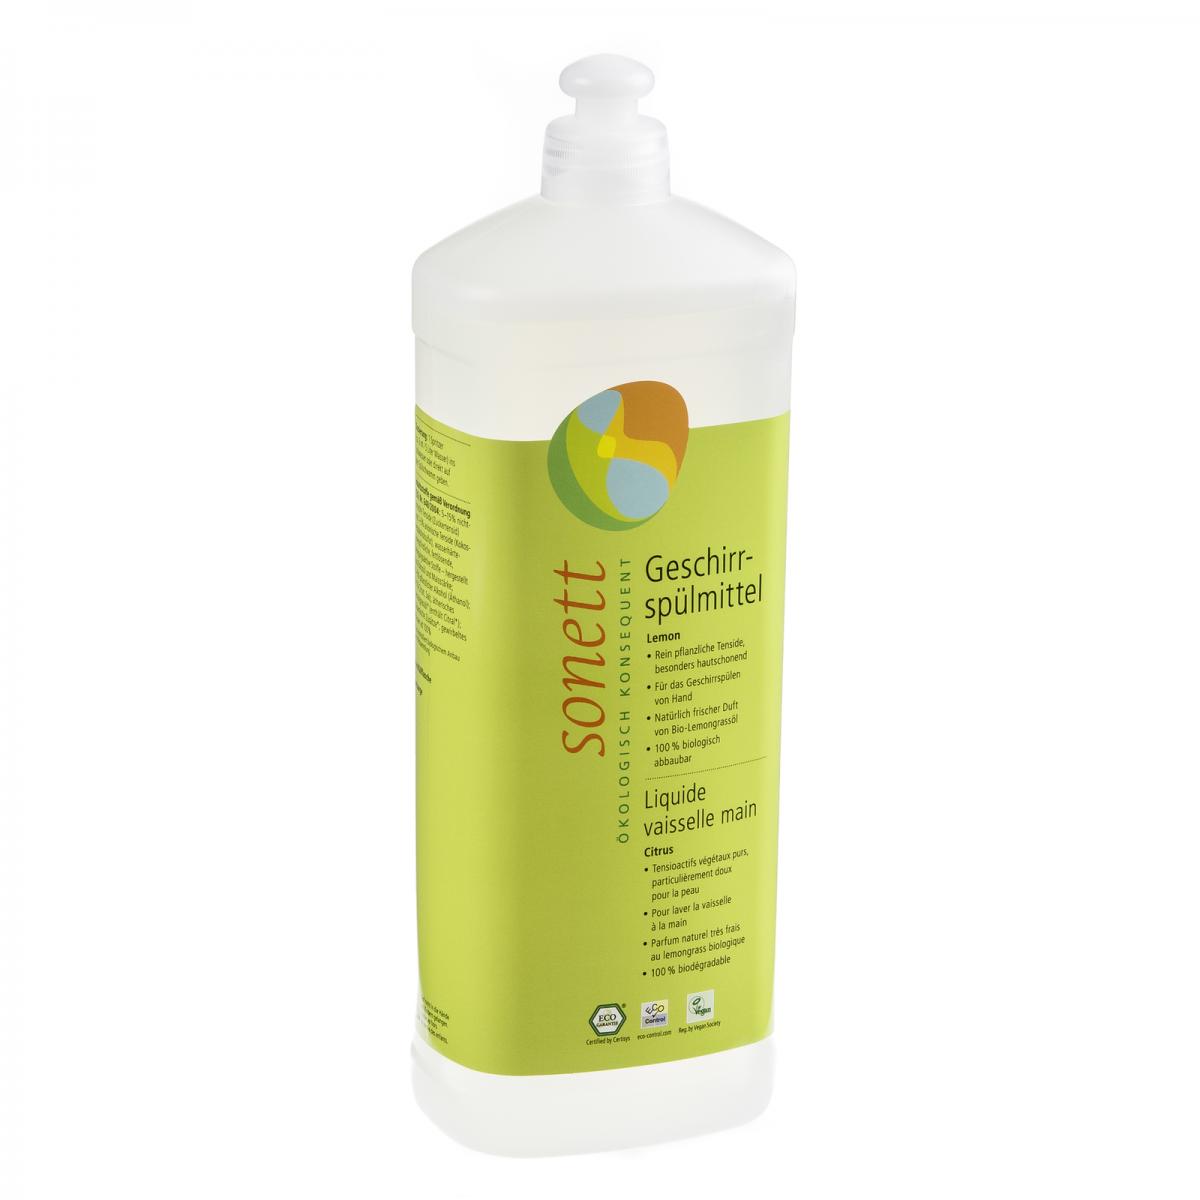 Geschirrspülmittel Lemon, Nachfüllflasche Flasche 1 l/Plastik Einweg - Sonett